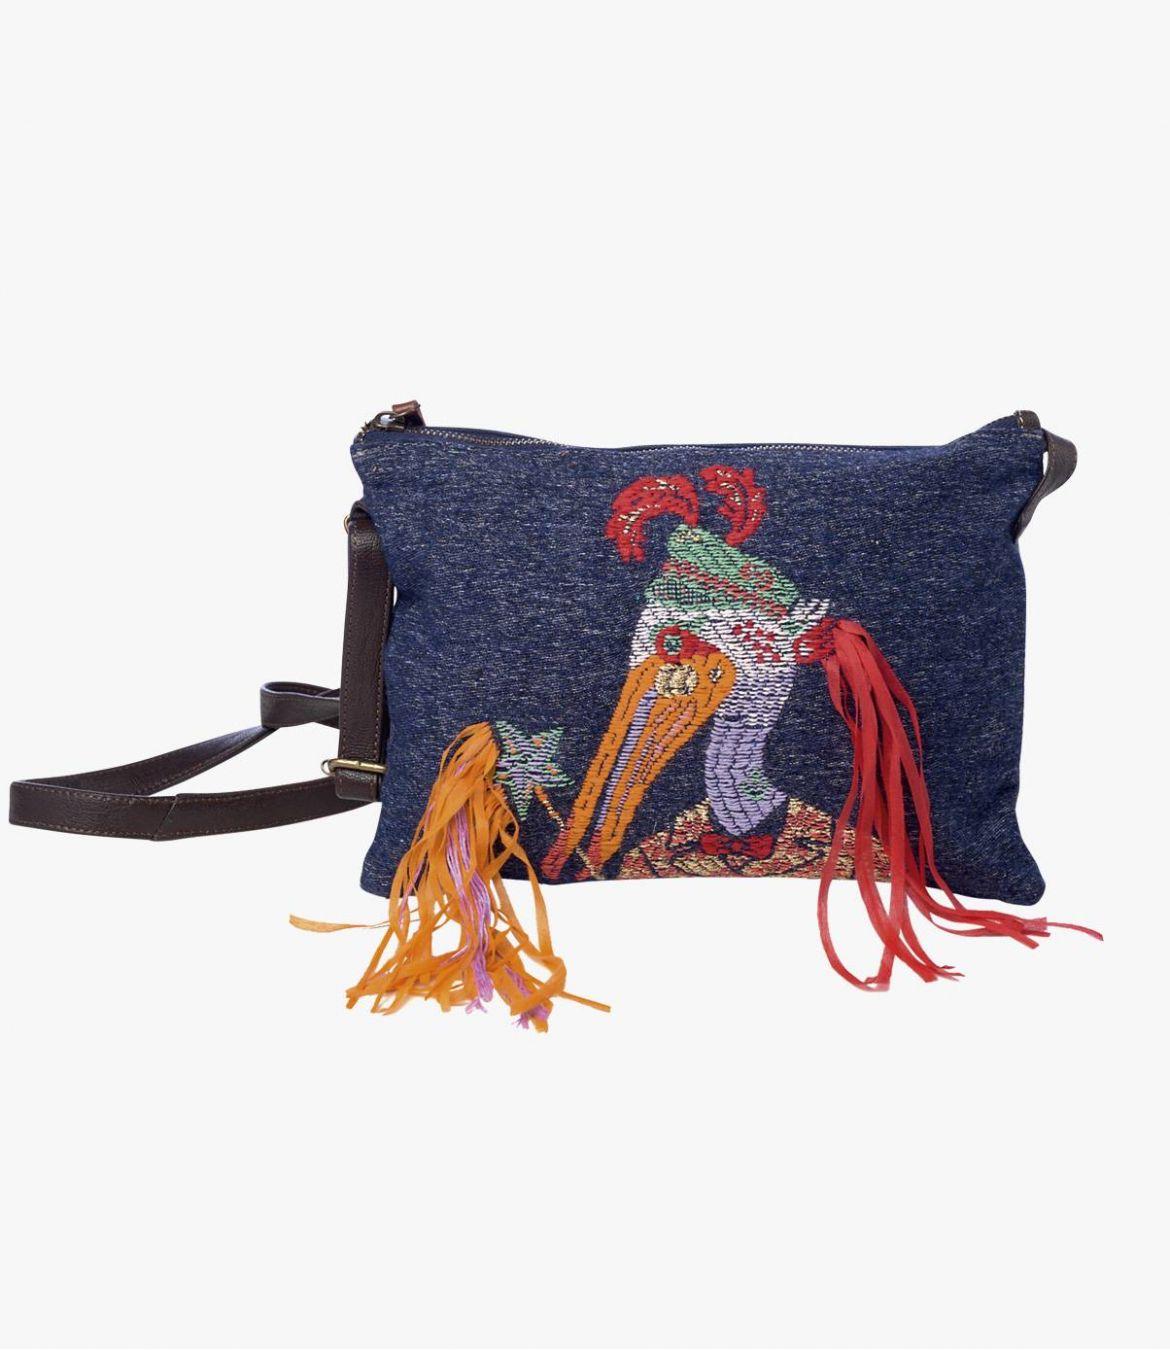 SUZY MIKO Polyester Pocket, Polyamide, Cotton, Women's Leather 20 x 28 cm Storiatipic - 1